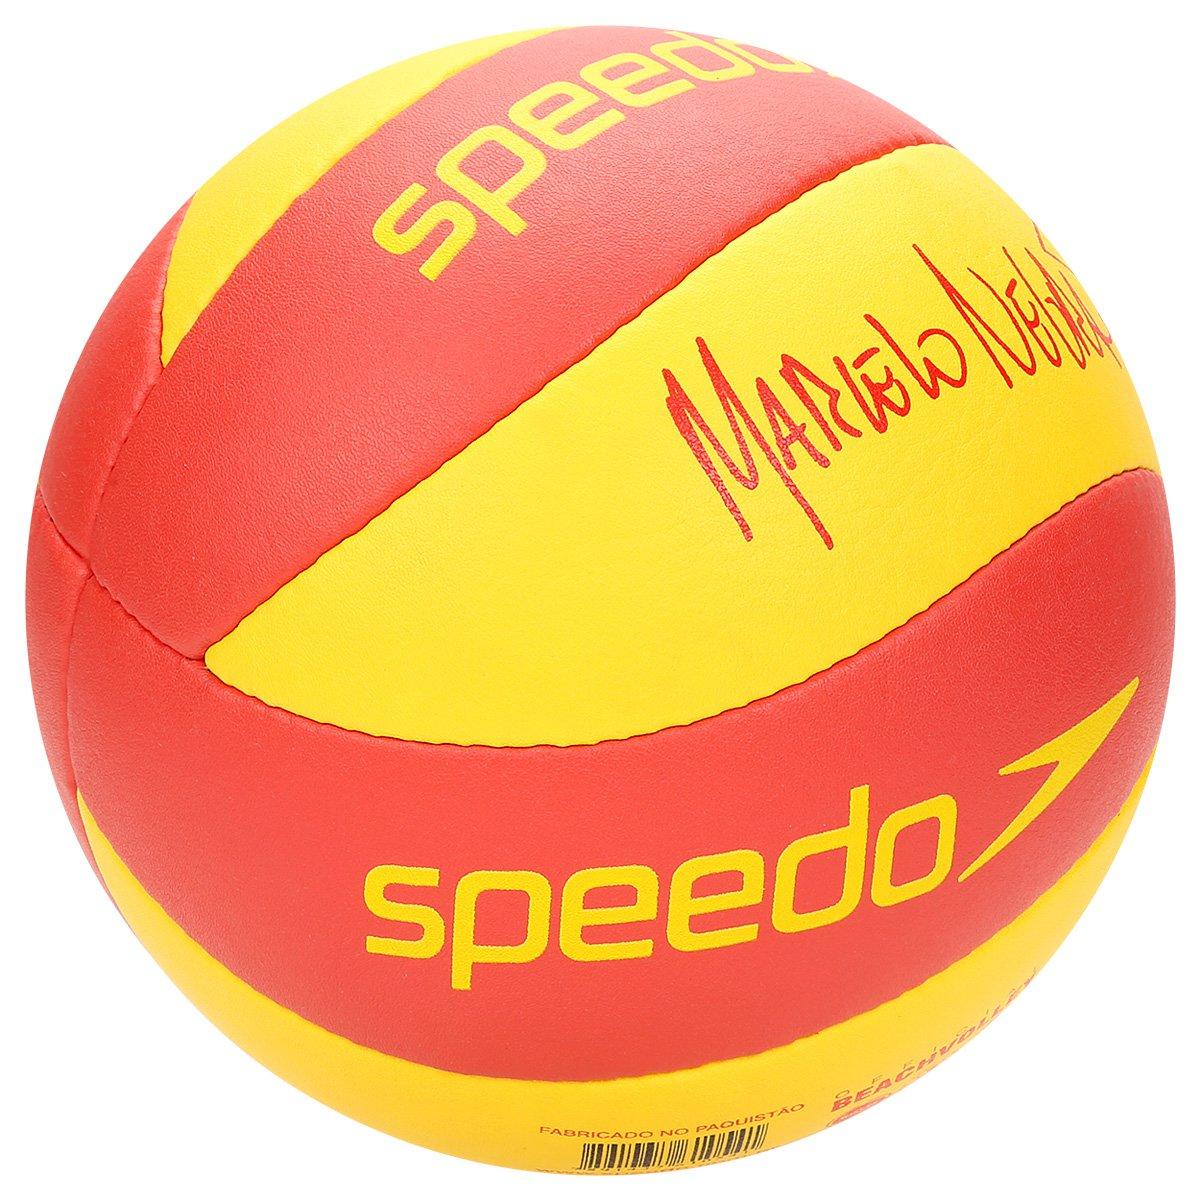 18af45715c Bola Vôlei De Praia Speedo Pro - Amarelo e Vermelho - Compre Agora ...